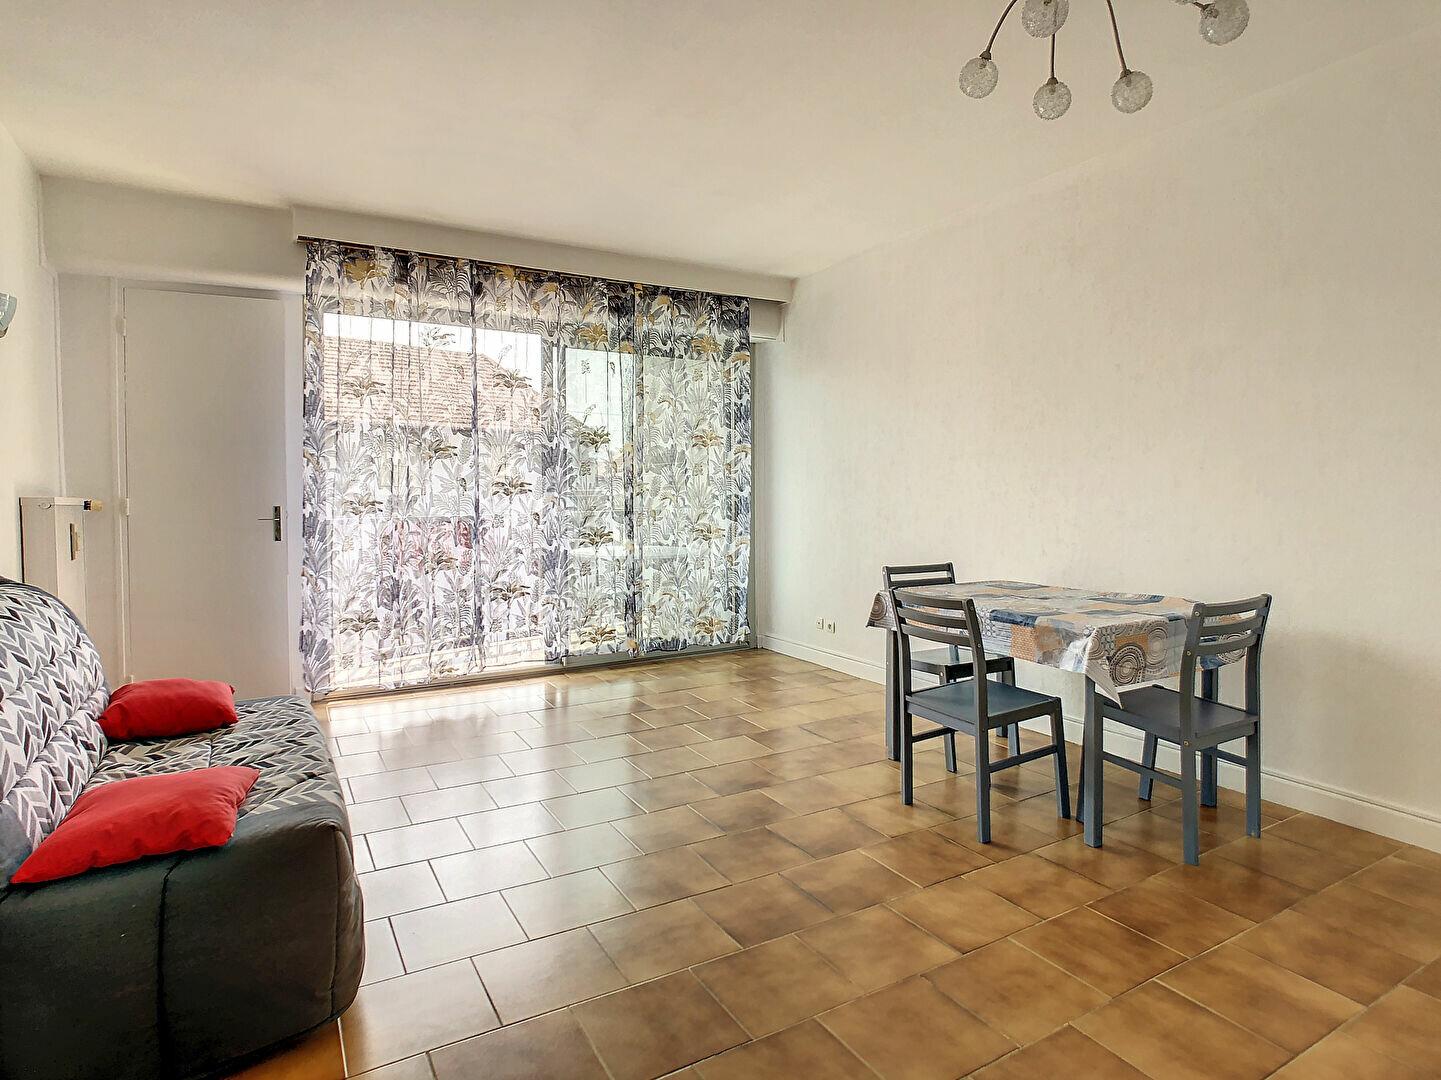 Appartement à louer 1 34m2 à Brive-la-Gaillarde vignette-2